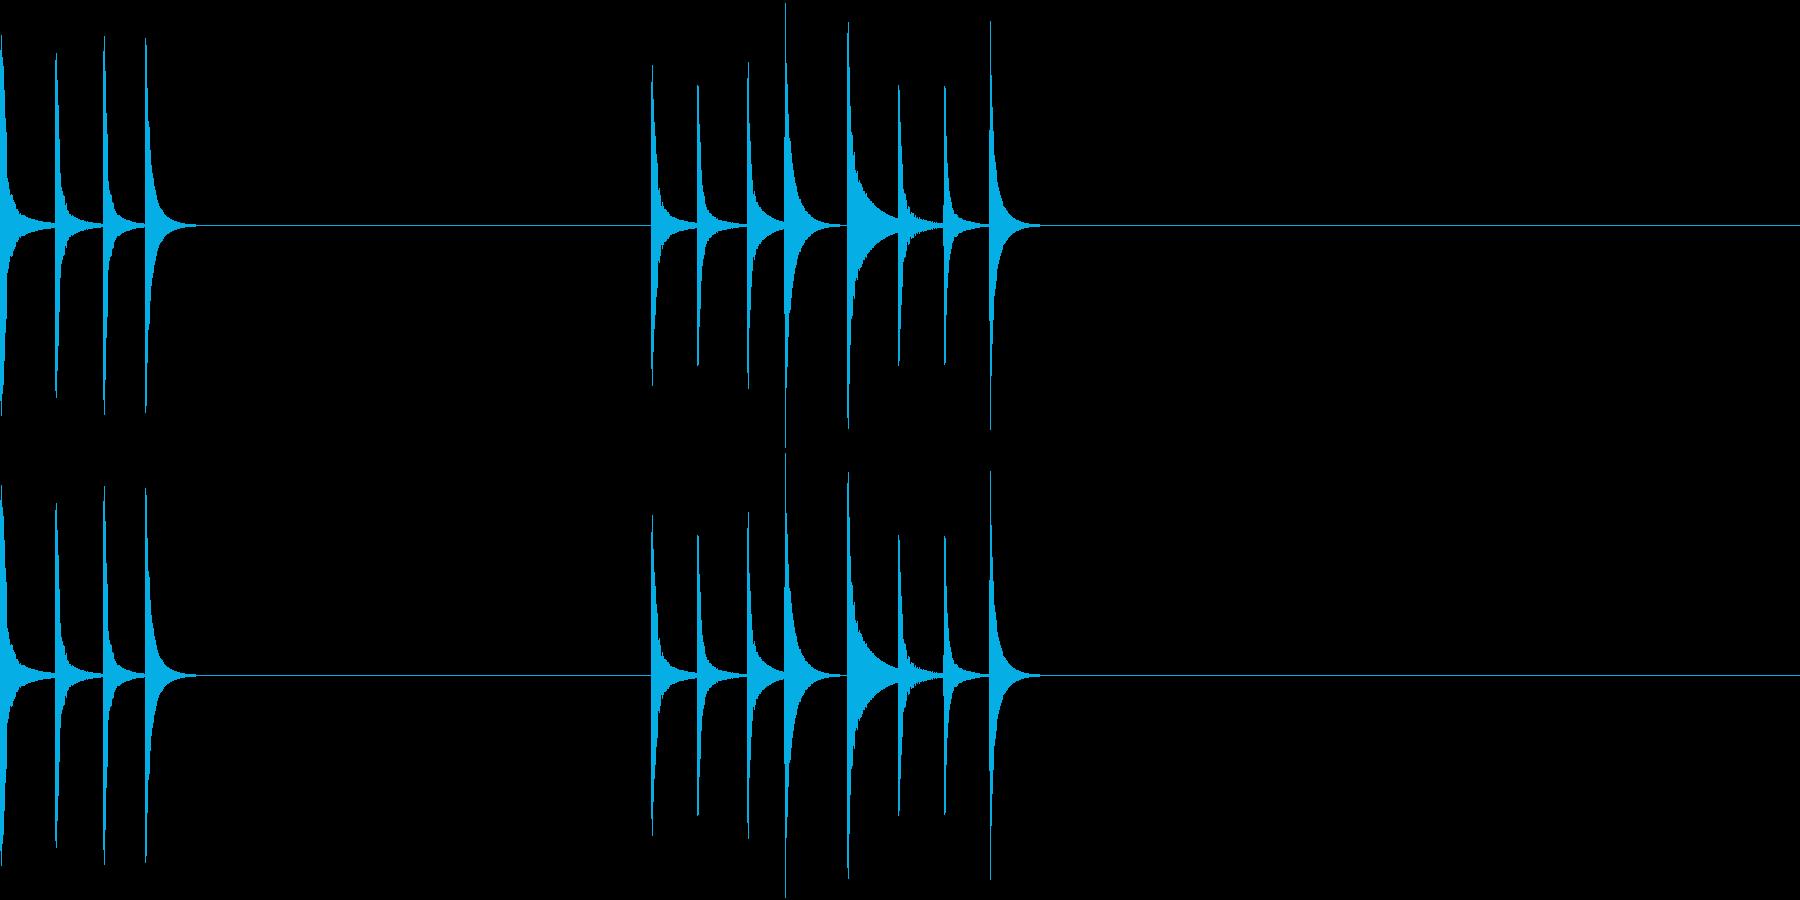 可愛らしいマリンバの通知音(長)の再生済みの波形